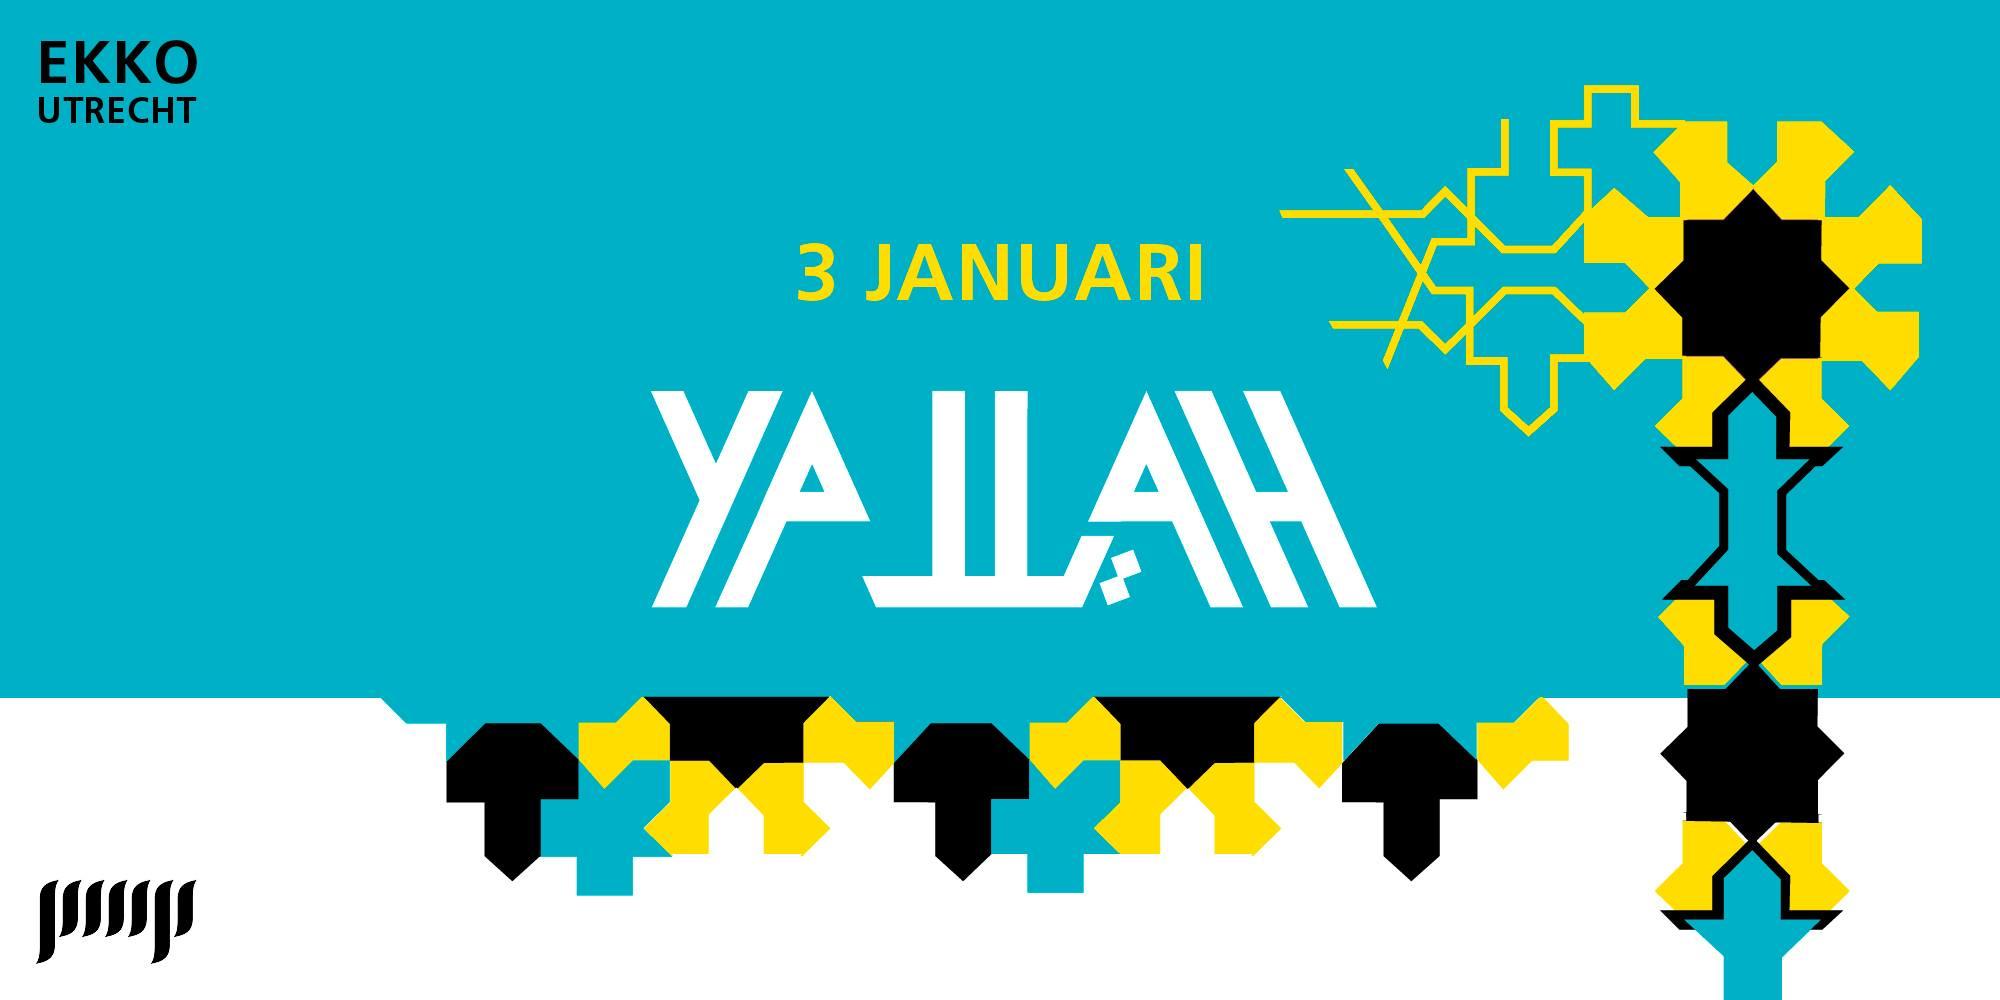 Yallah! Yallah! | EKKO, Utrecht: Friday 3 January